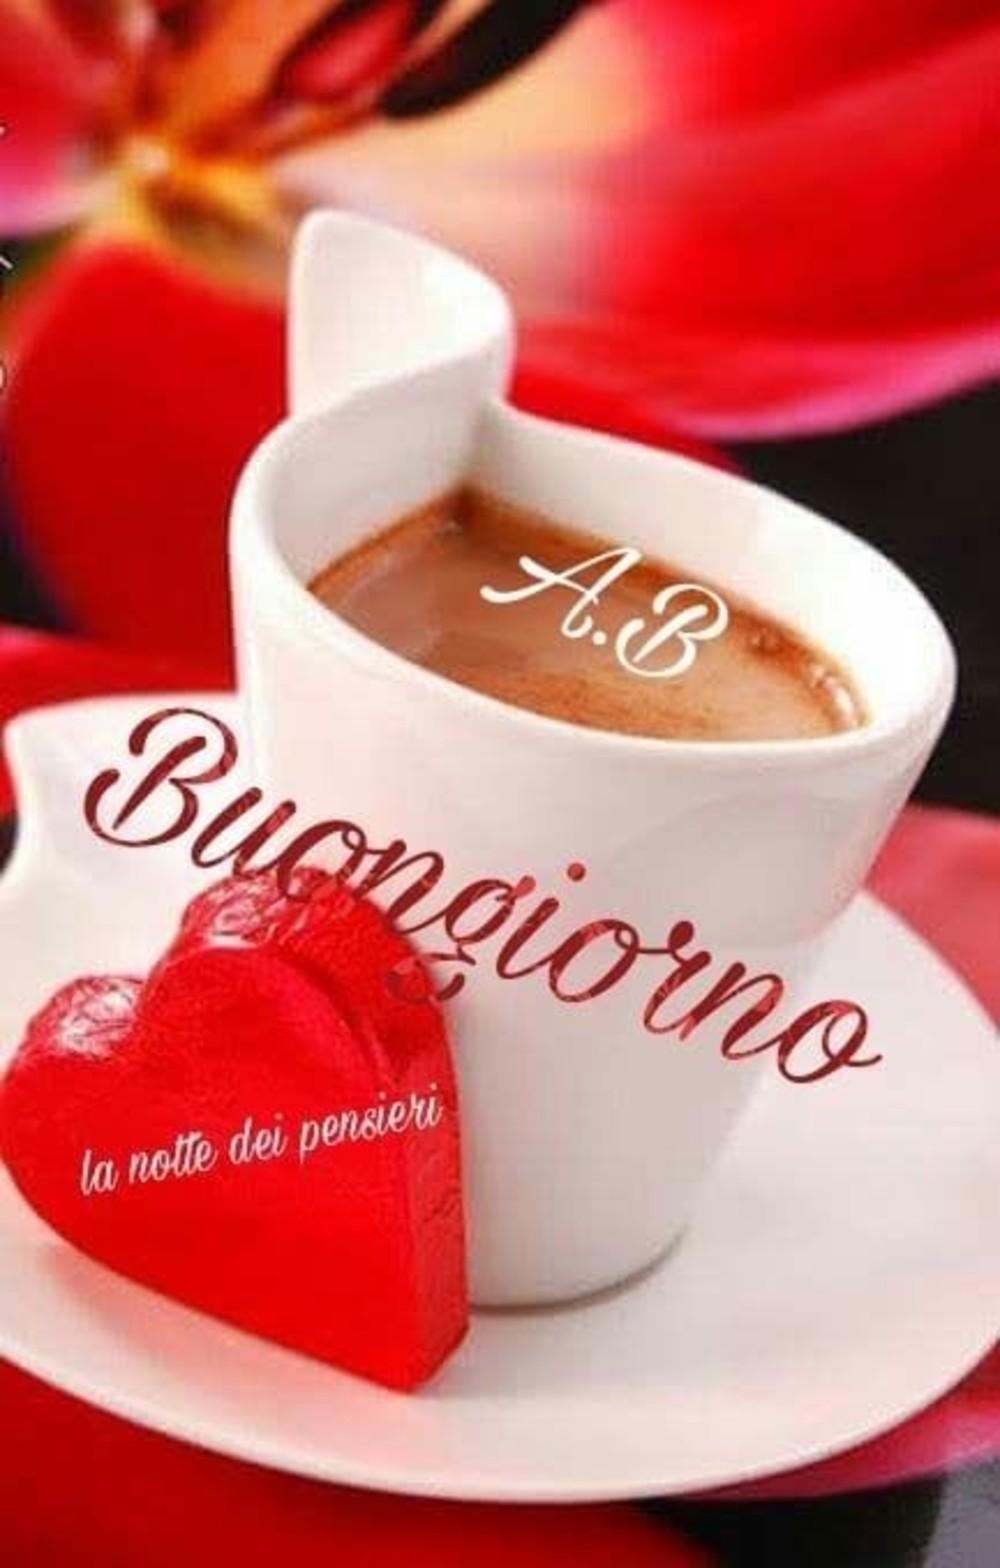 Buongiorno amore mio gratis foto 2 archives for Foto buongiorno gratis